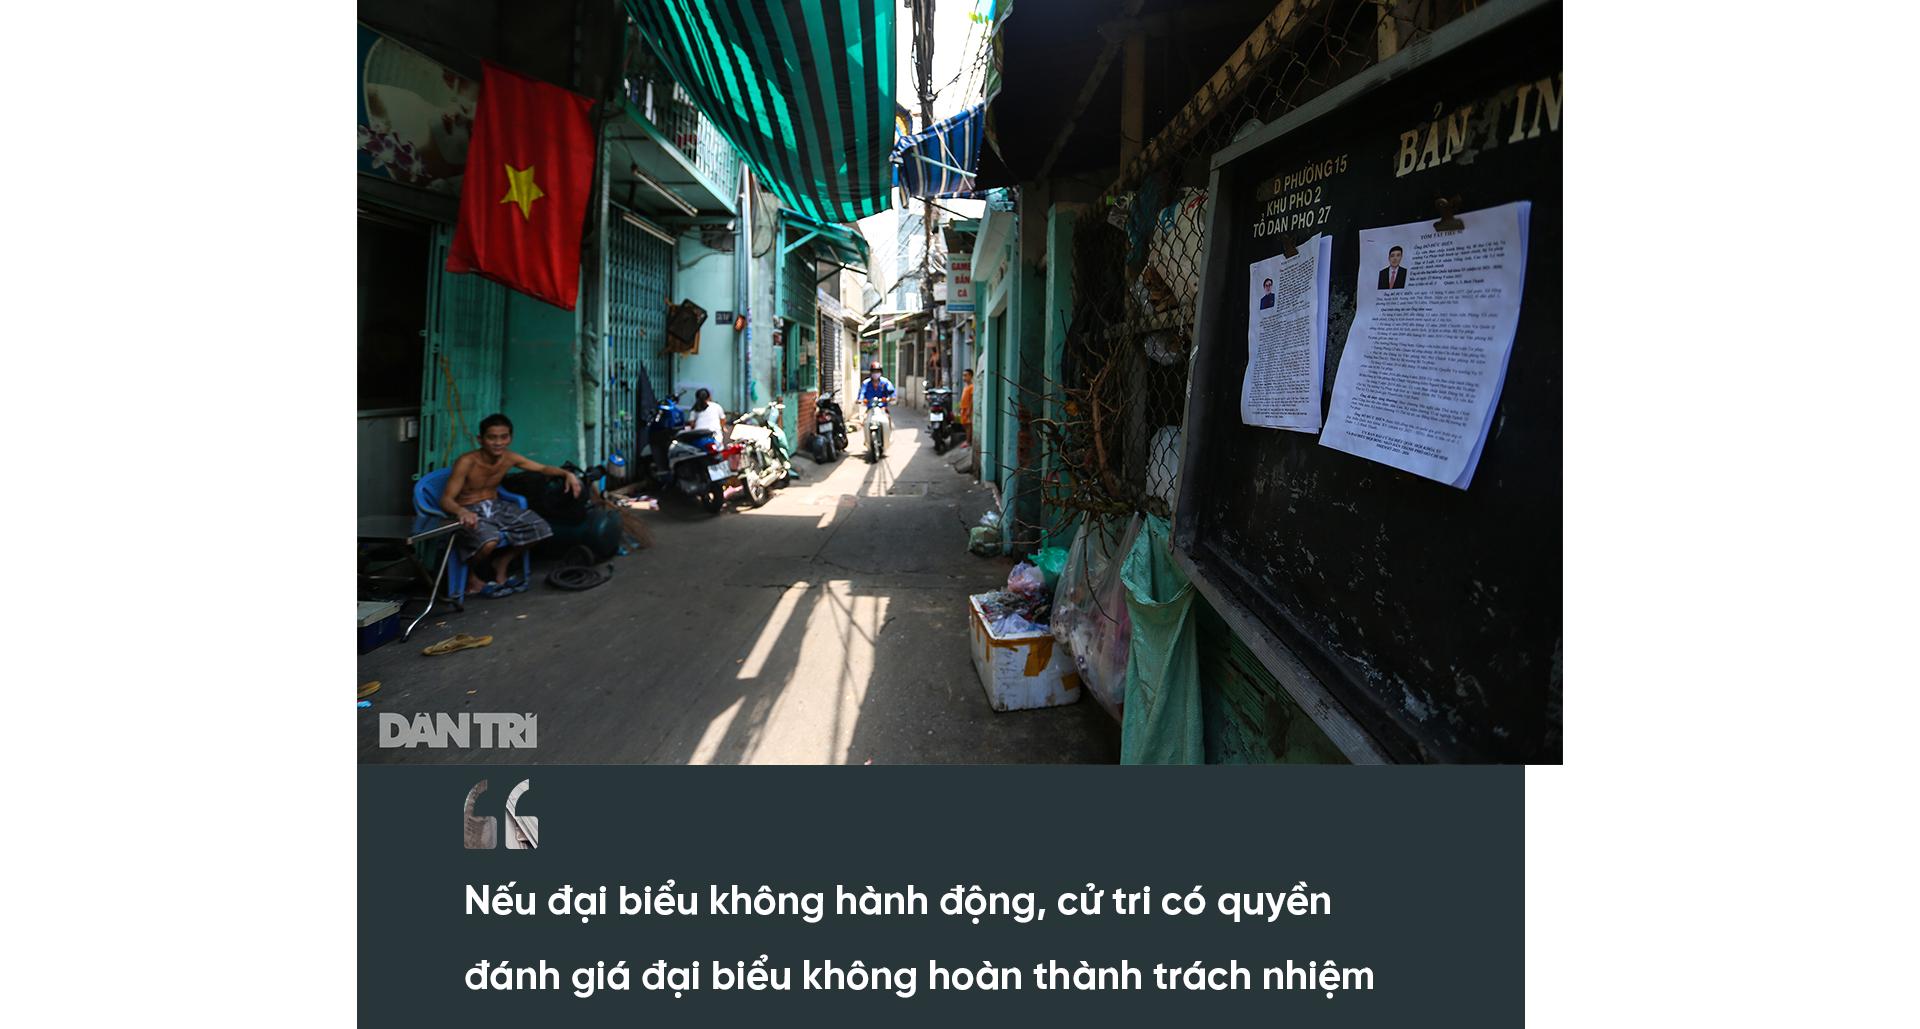 Mong ước nối 2 thế kỷ của dân sống ven con rạch khủng khiếp nhất Sài Gòn - 20